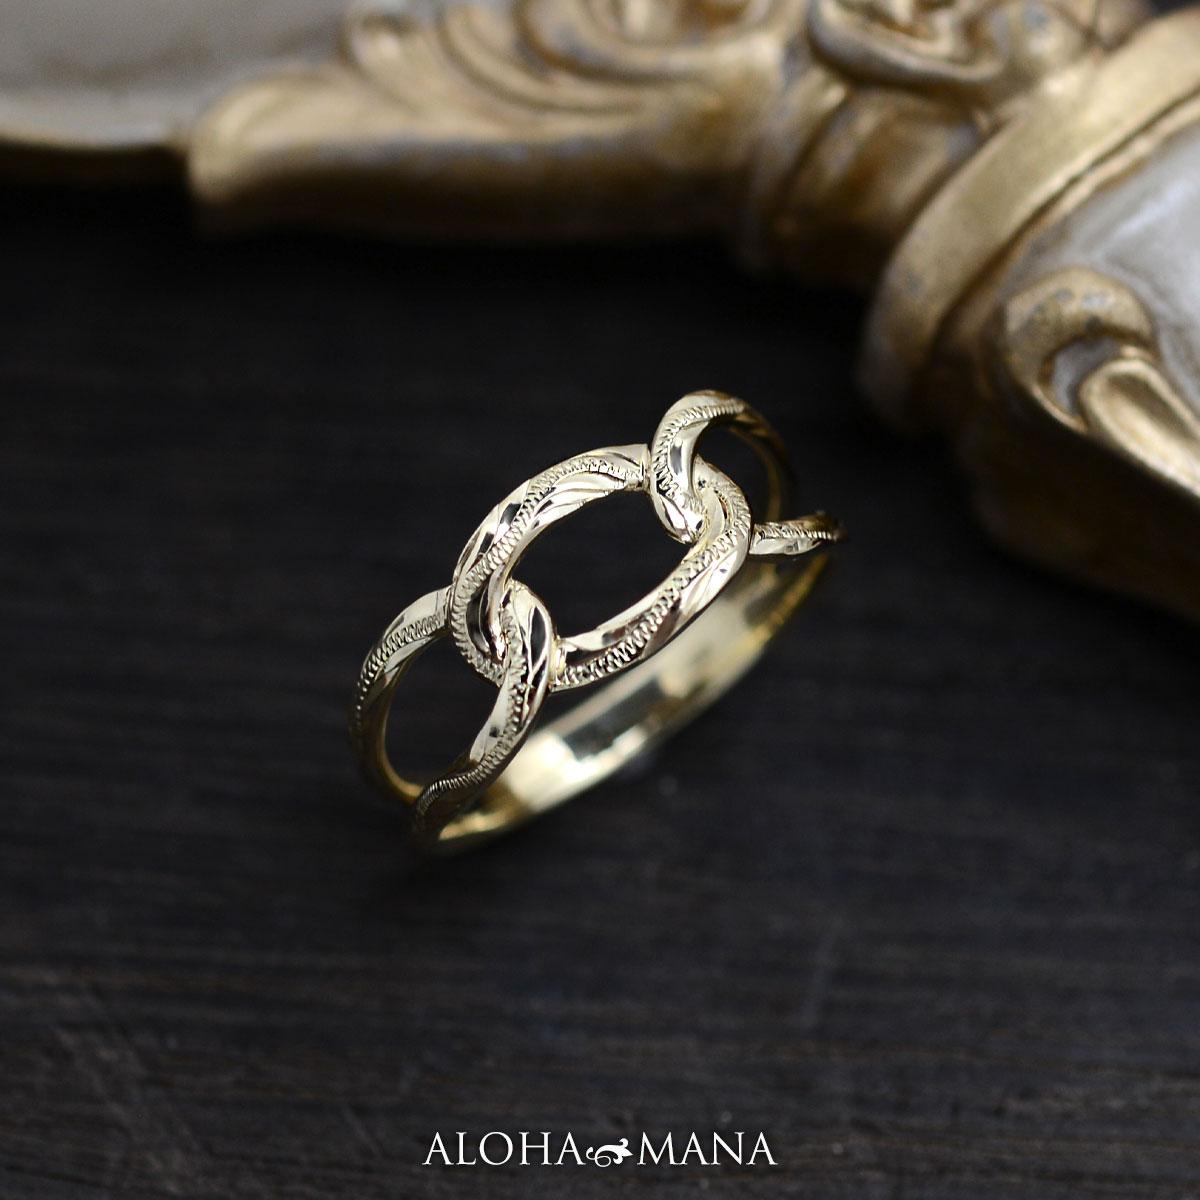 ハワイアンジュエリー リング 指輪 K18 ゴールド チェーンスクロール リング 18金 18K ゴールド イエローゴールド ari1603ae/新作